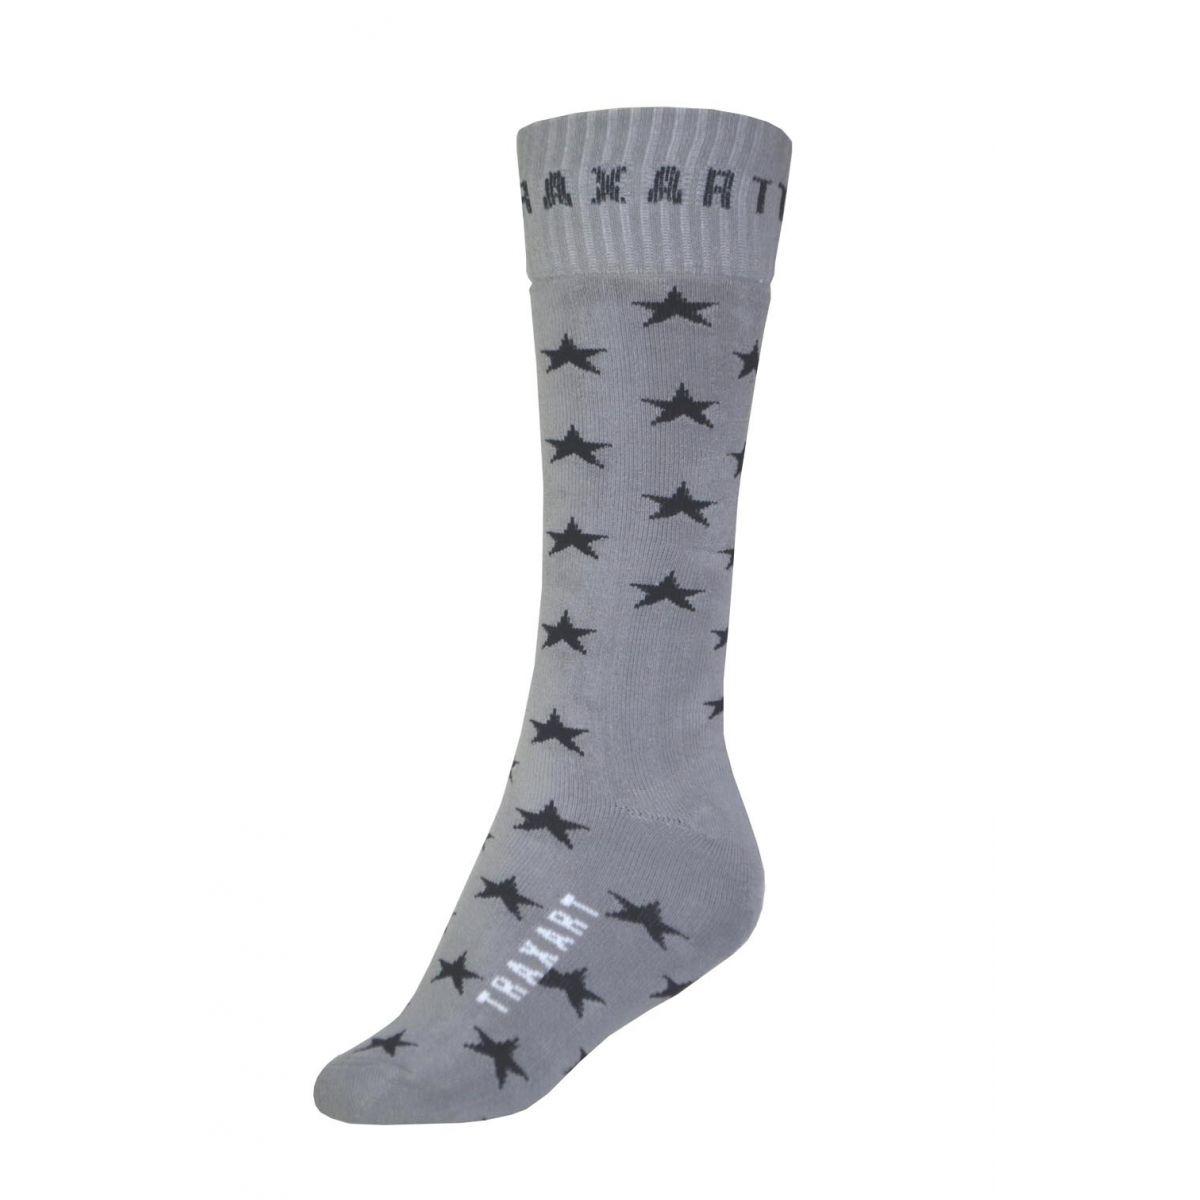 Meias 3/4 Inline com Estrelas Traxart - DS-202